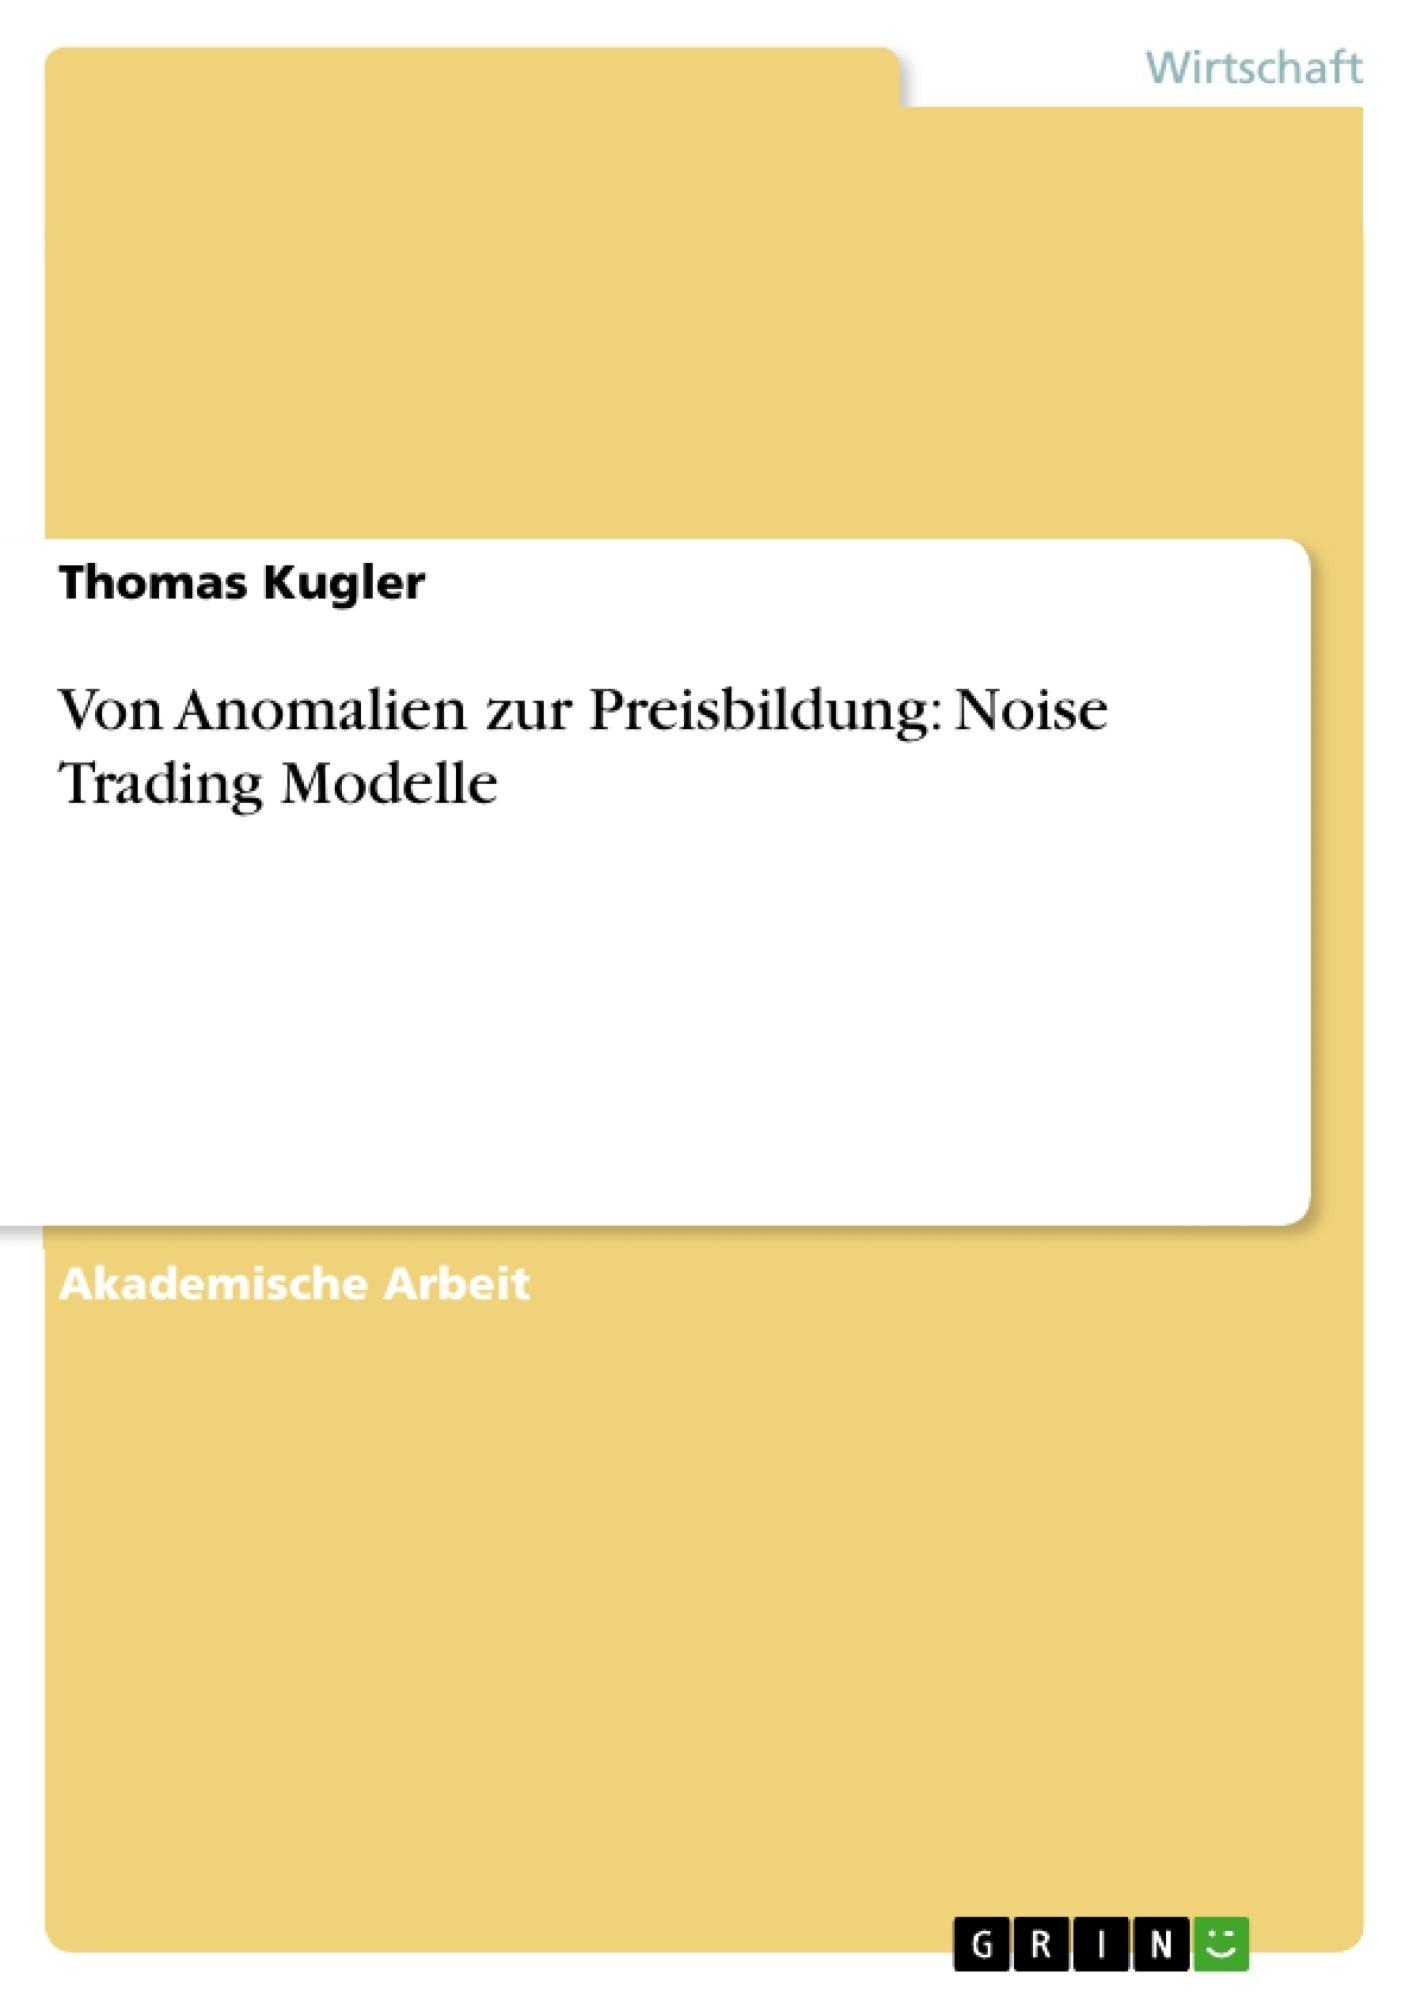 Titel: Von Anomalien zur Preisbildung: Noise Trading Modelle